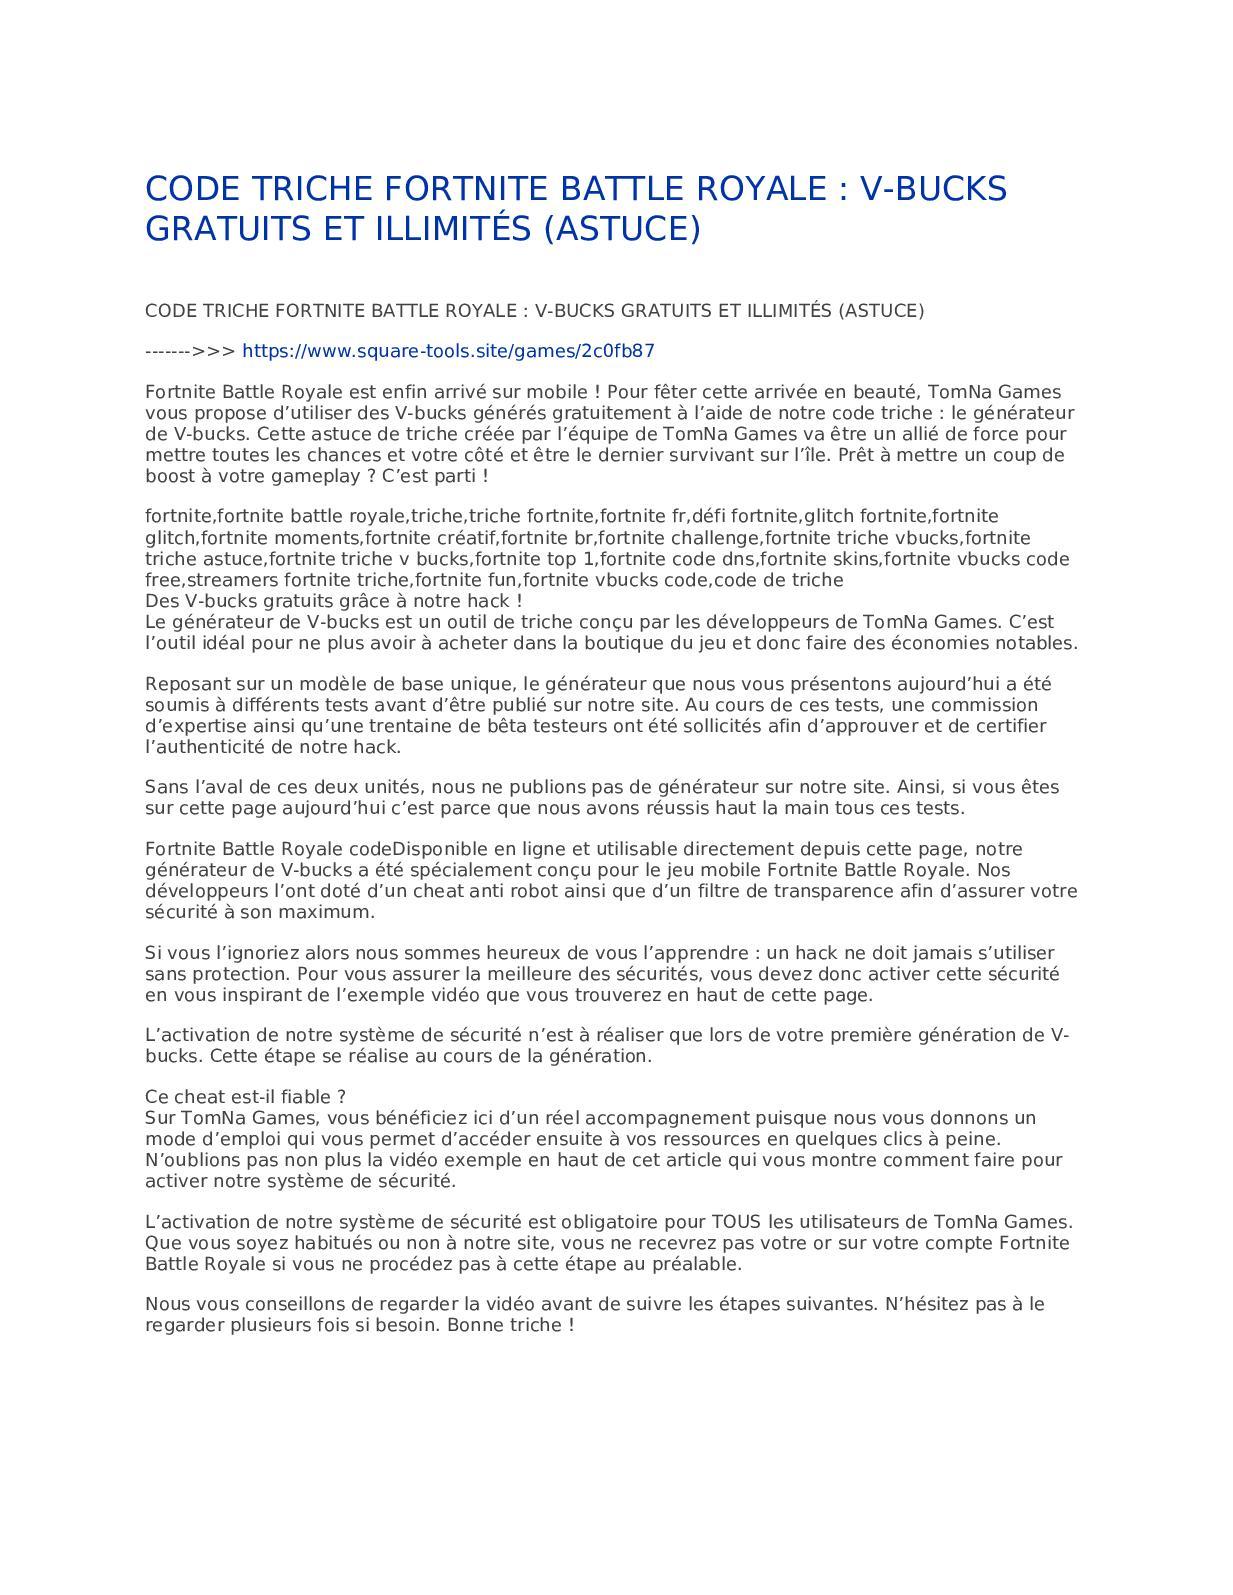 Calaméo - CODE TRICHE FORTNITE BATTLE ROYALE V BUCKS GRATUITS ET ILLIMITÉS ASTUCE